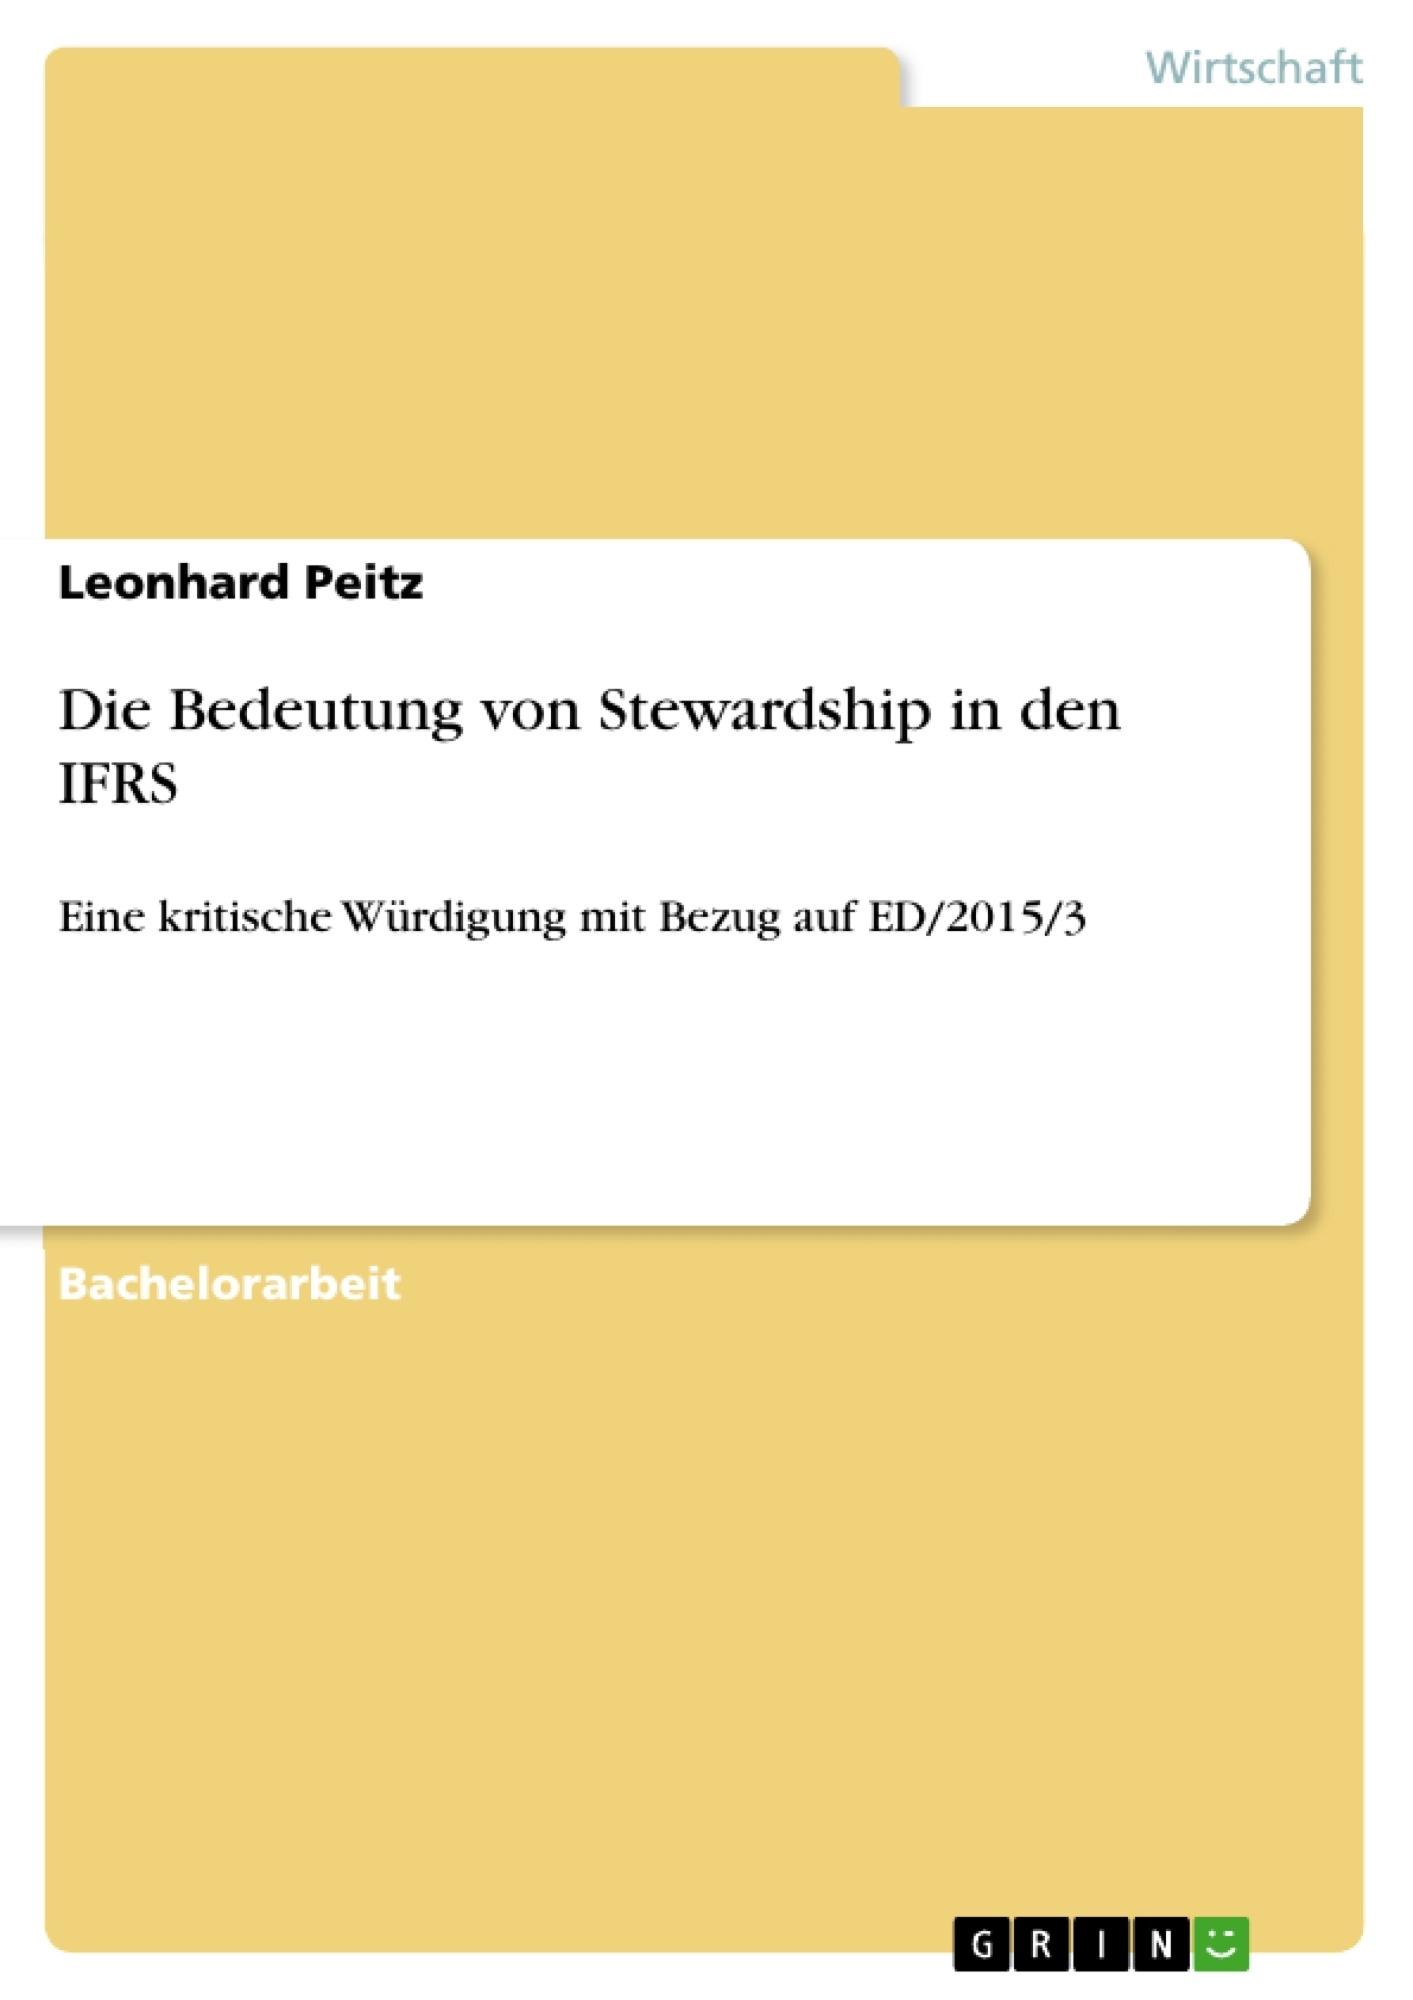 Titel: Die Bedeutung von Stewardship in den IFRS